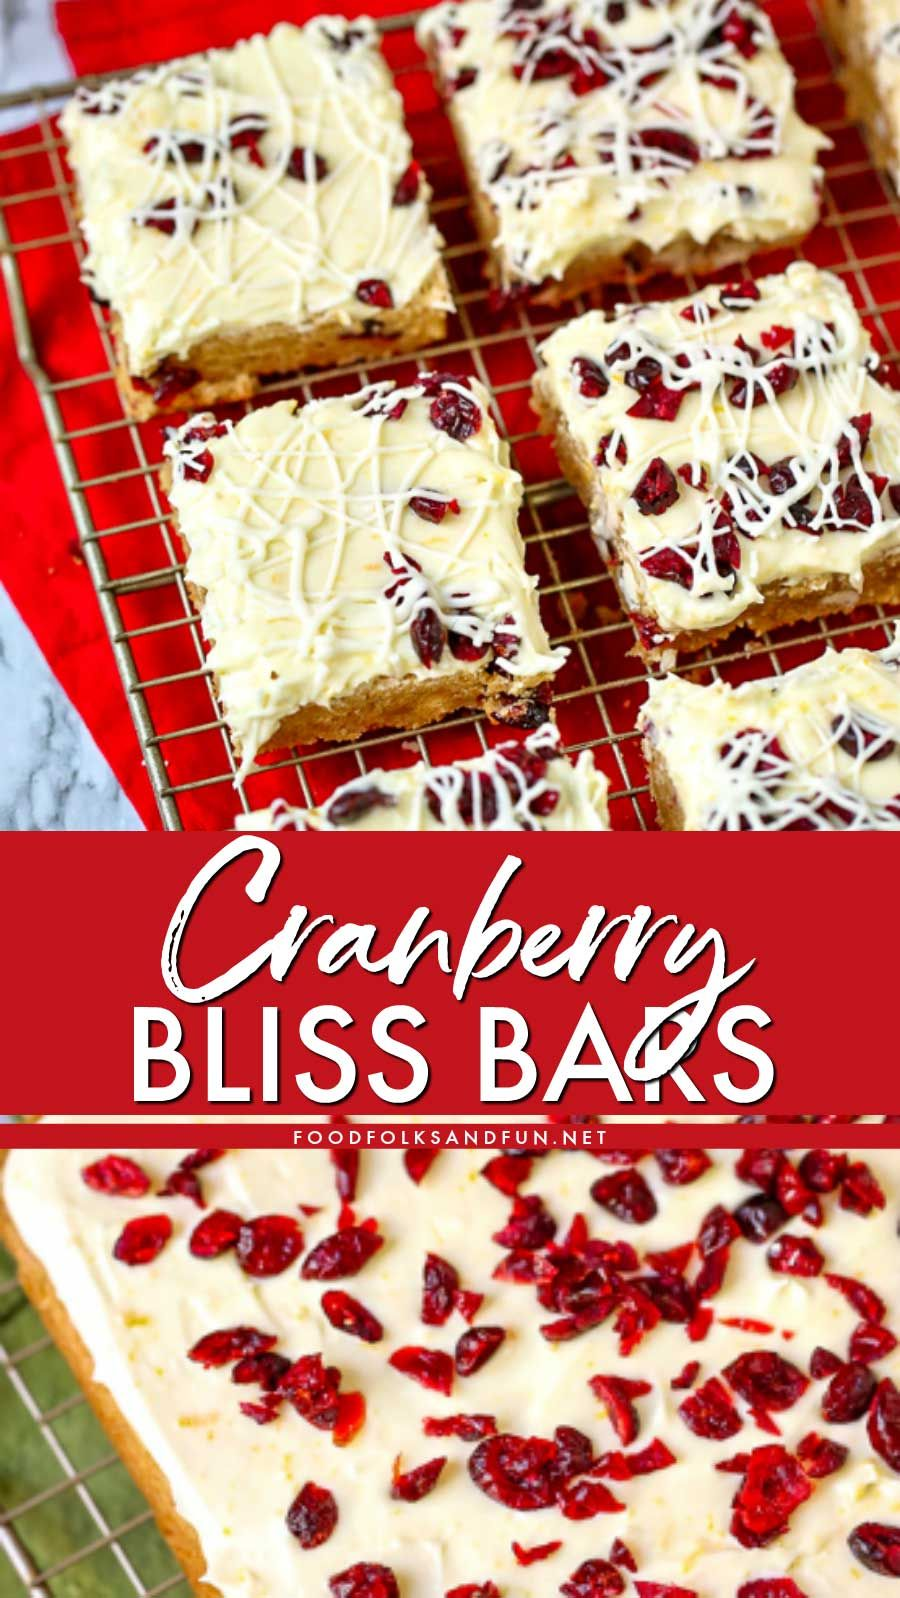 Cranberry Bliss Bars - a Starbucks Copy Cat Recipe!